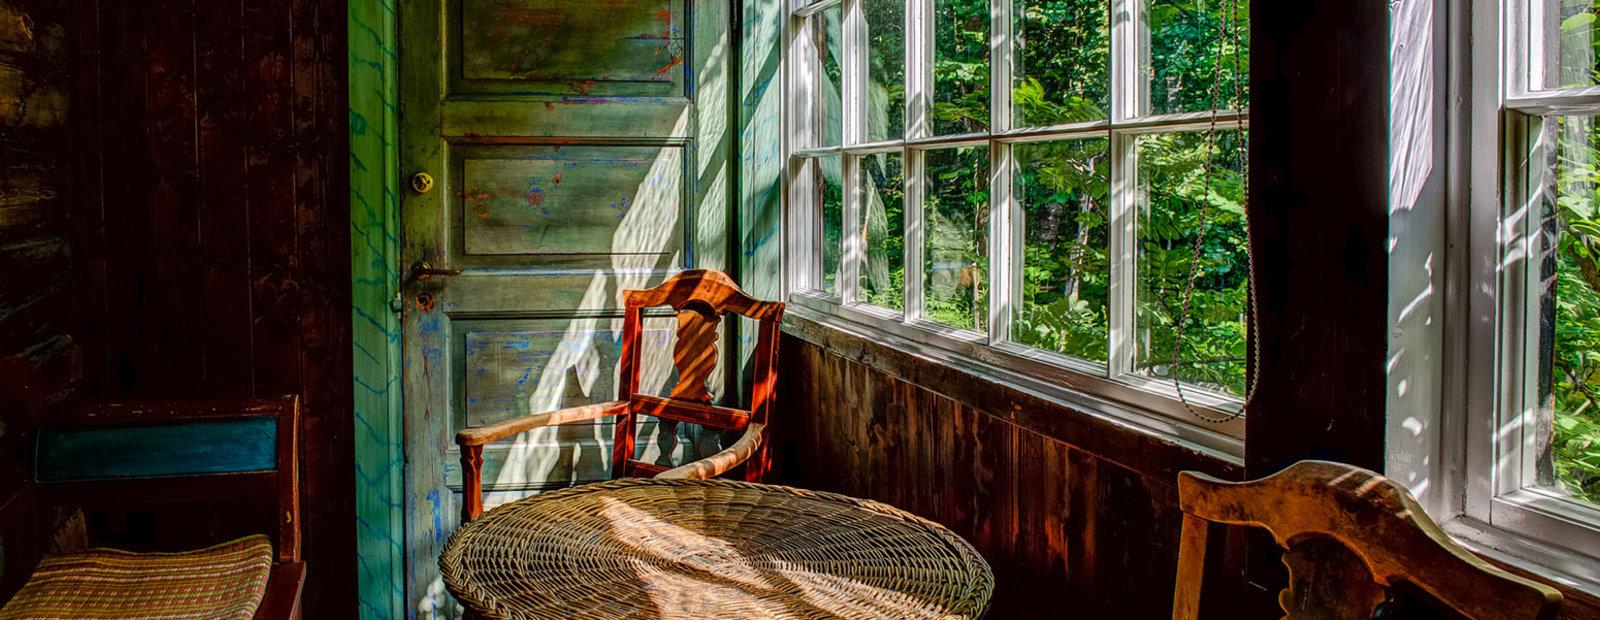 Glassverandaen på Bjerkebæk Sigrid Undsets hjem, Lillehammer